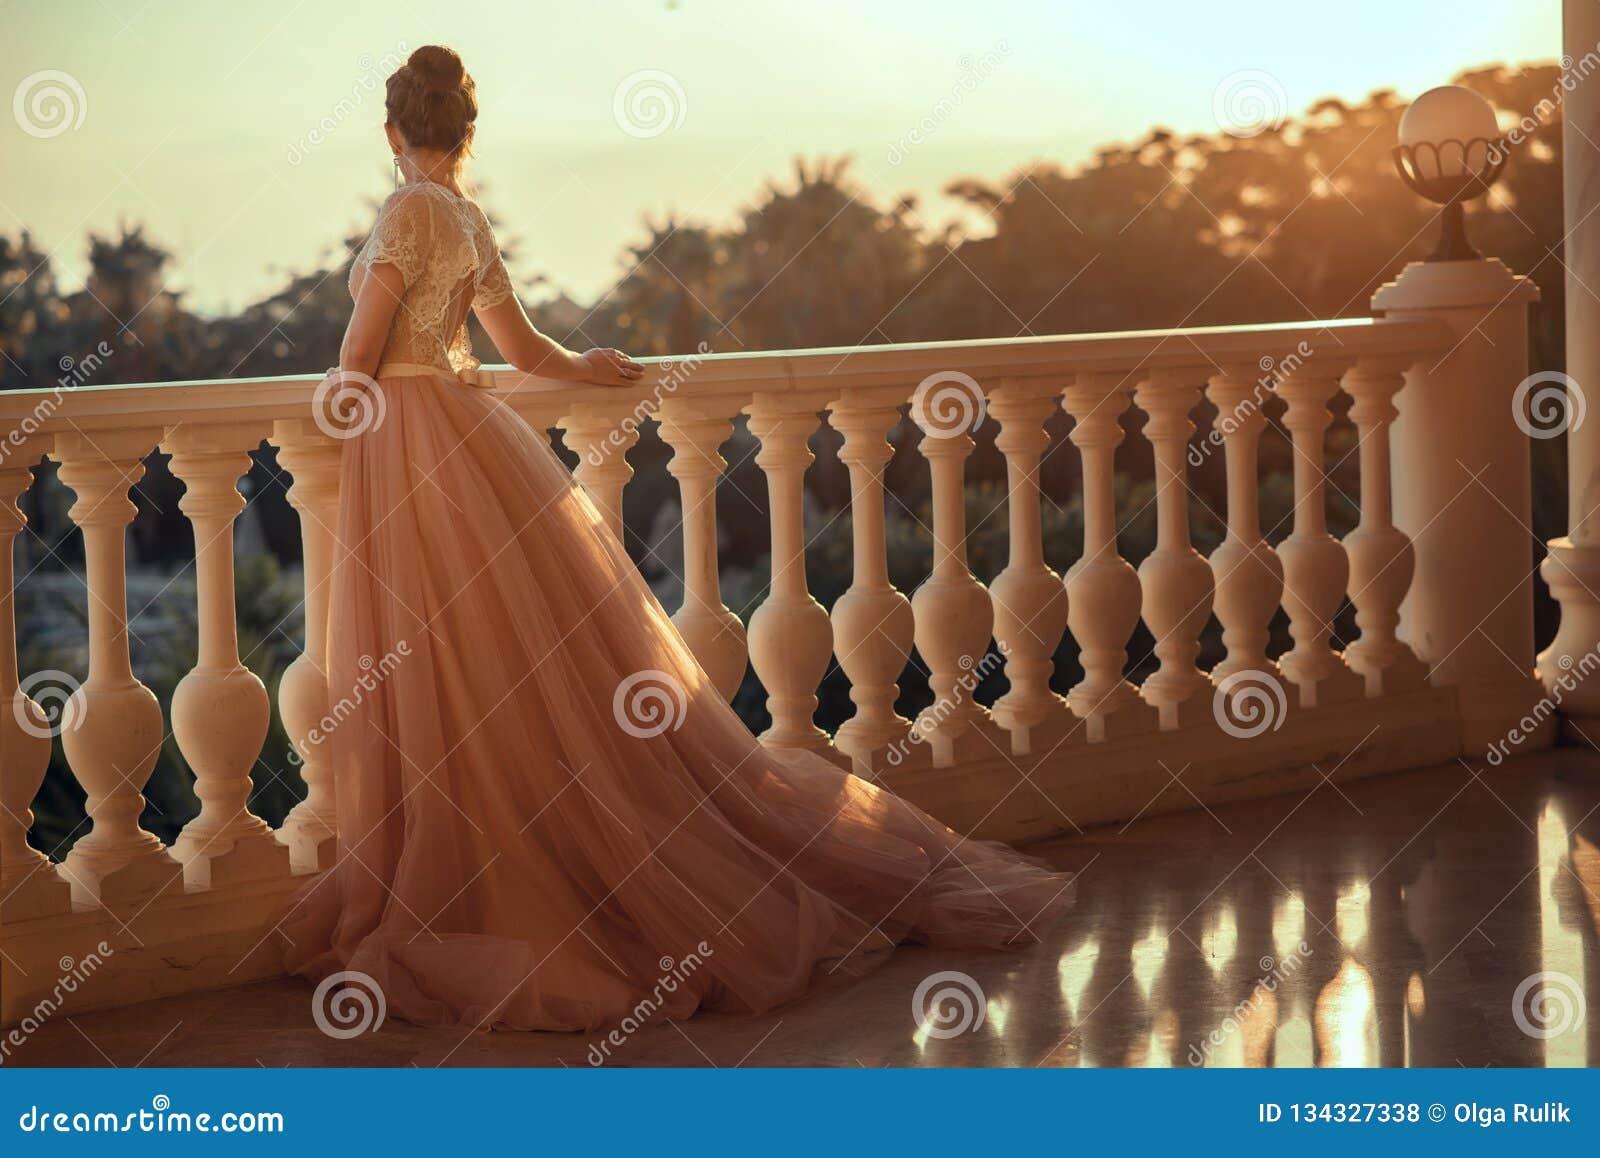 Όμορφη κυρία στο πολυτελές φόρεμα αιθουσών χορού με τη φούστα του Tulle και τη δαντελλωτός κορυφή που στέκονται στο μεγάλο μπαλκό